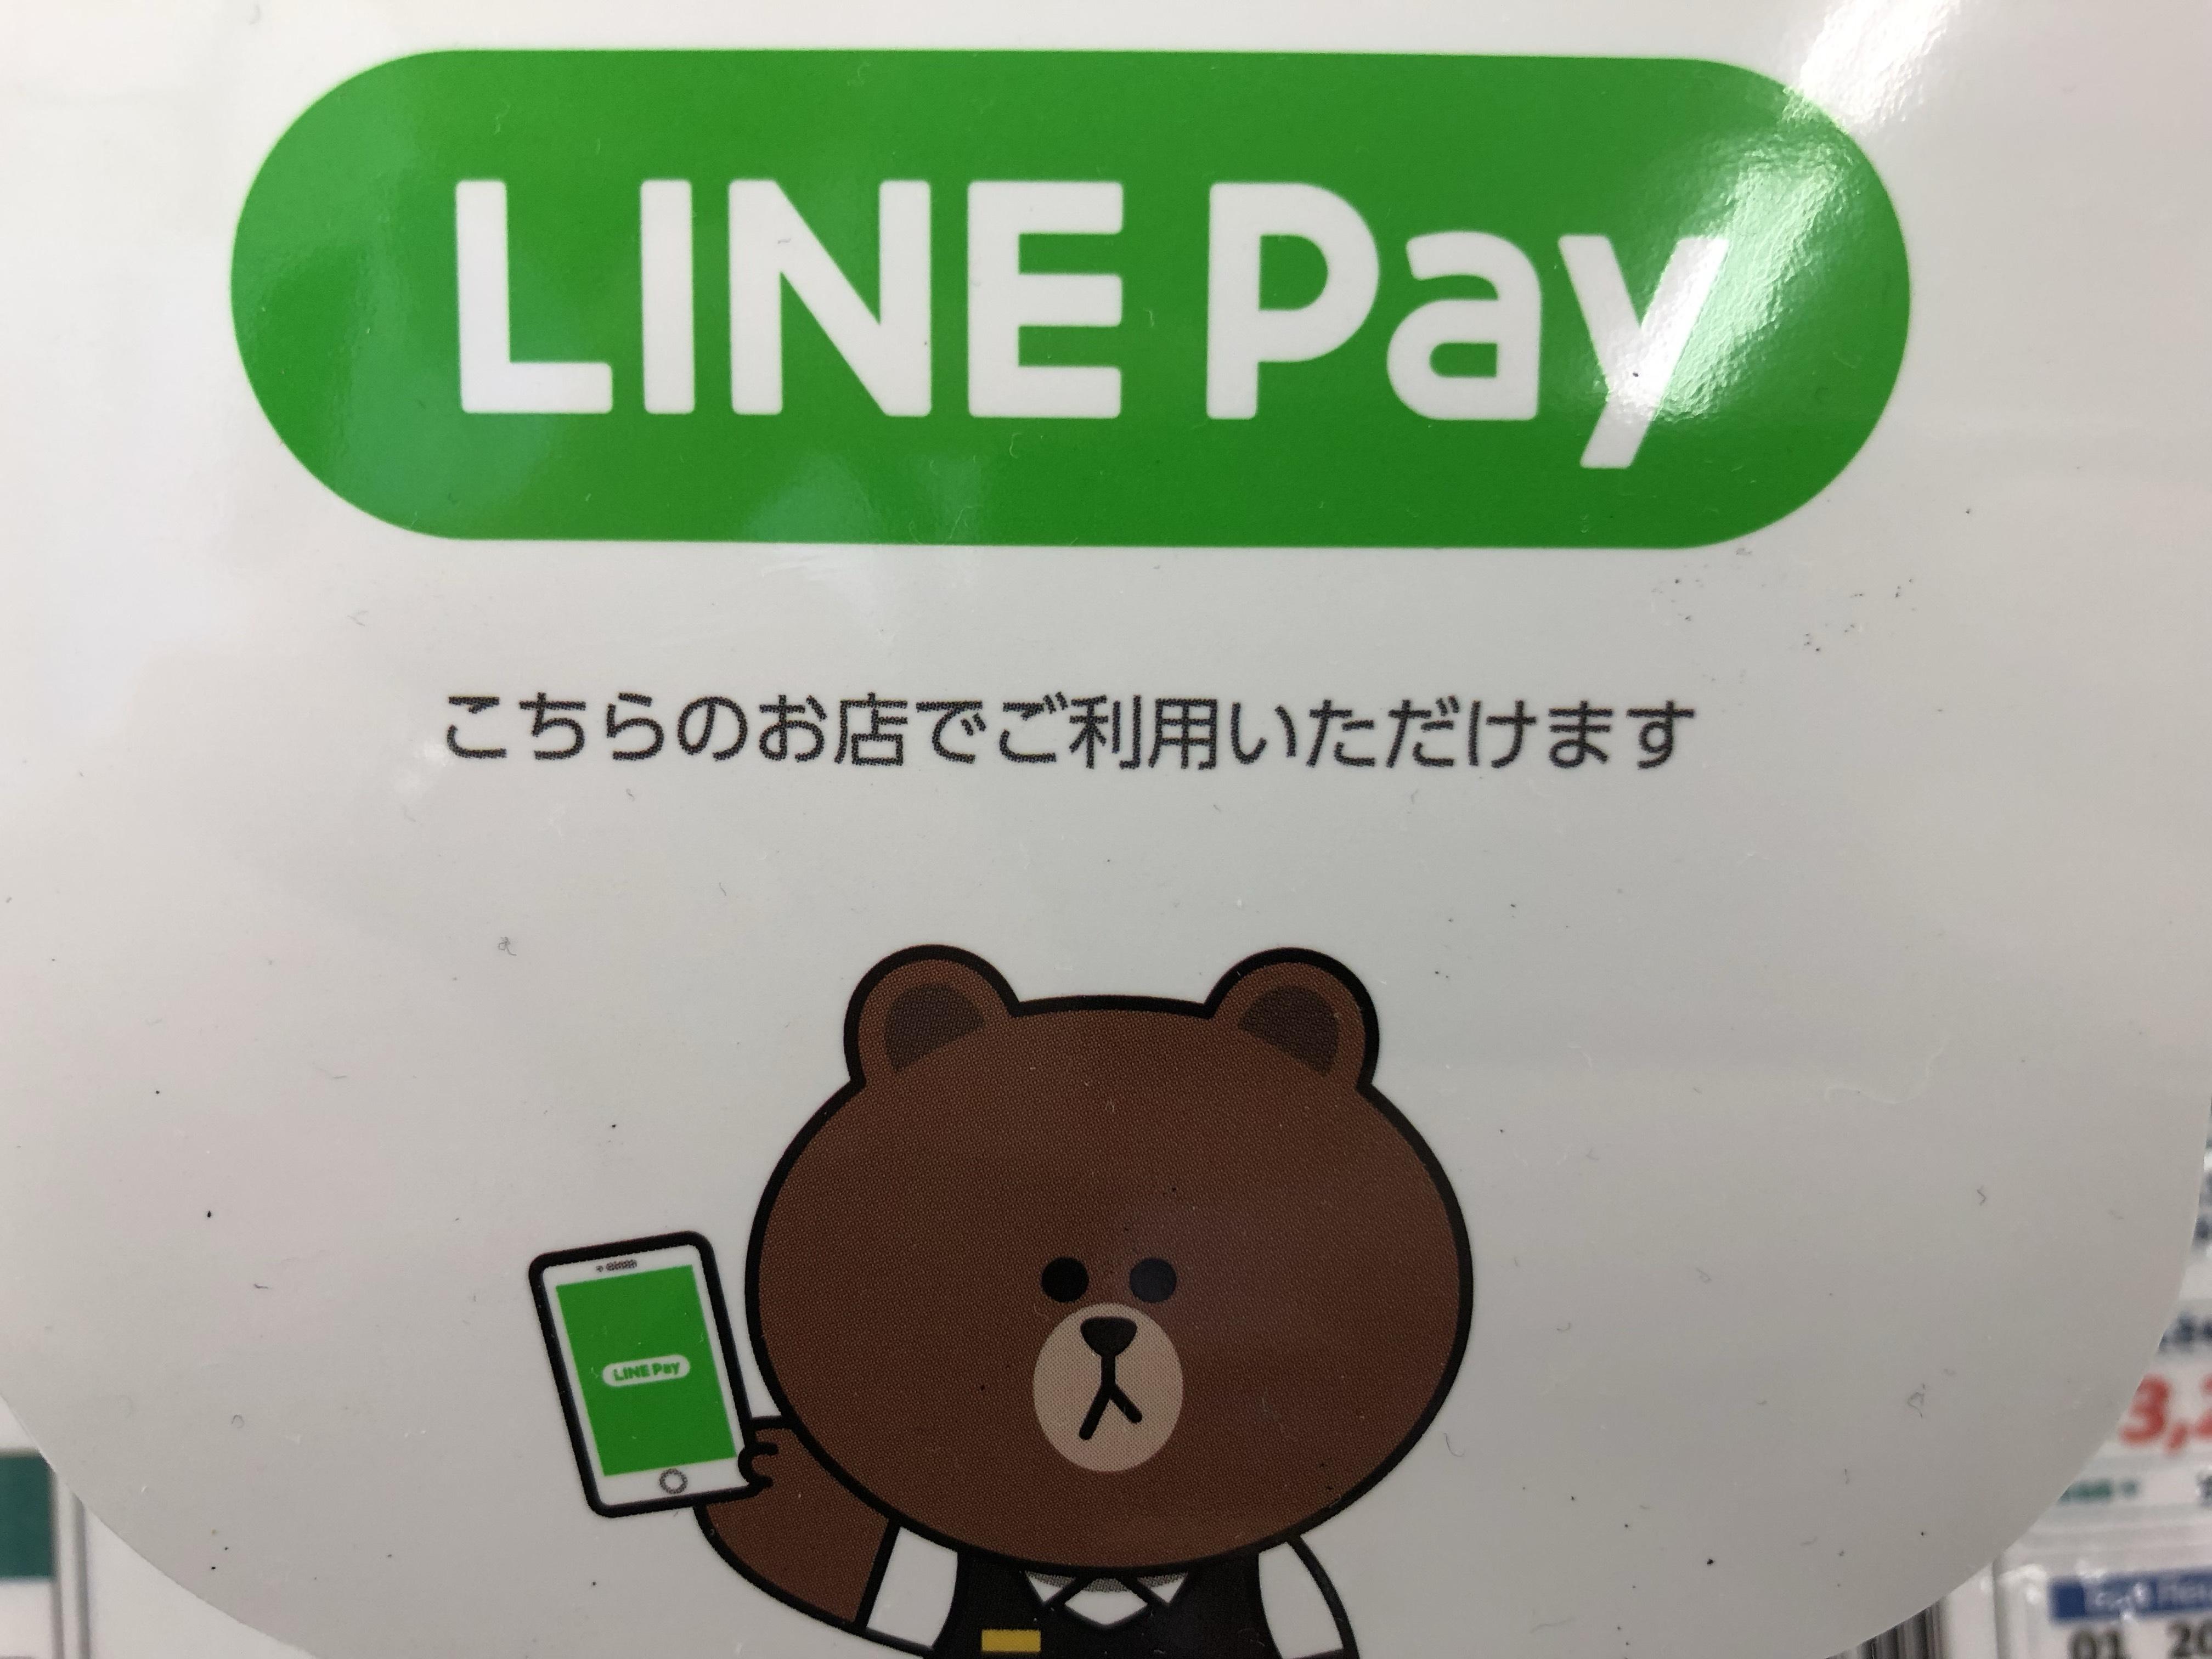 7/1~ LINE Pay支払いできるようになりました❗️